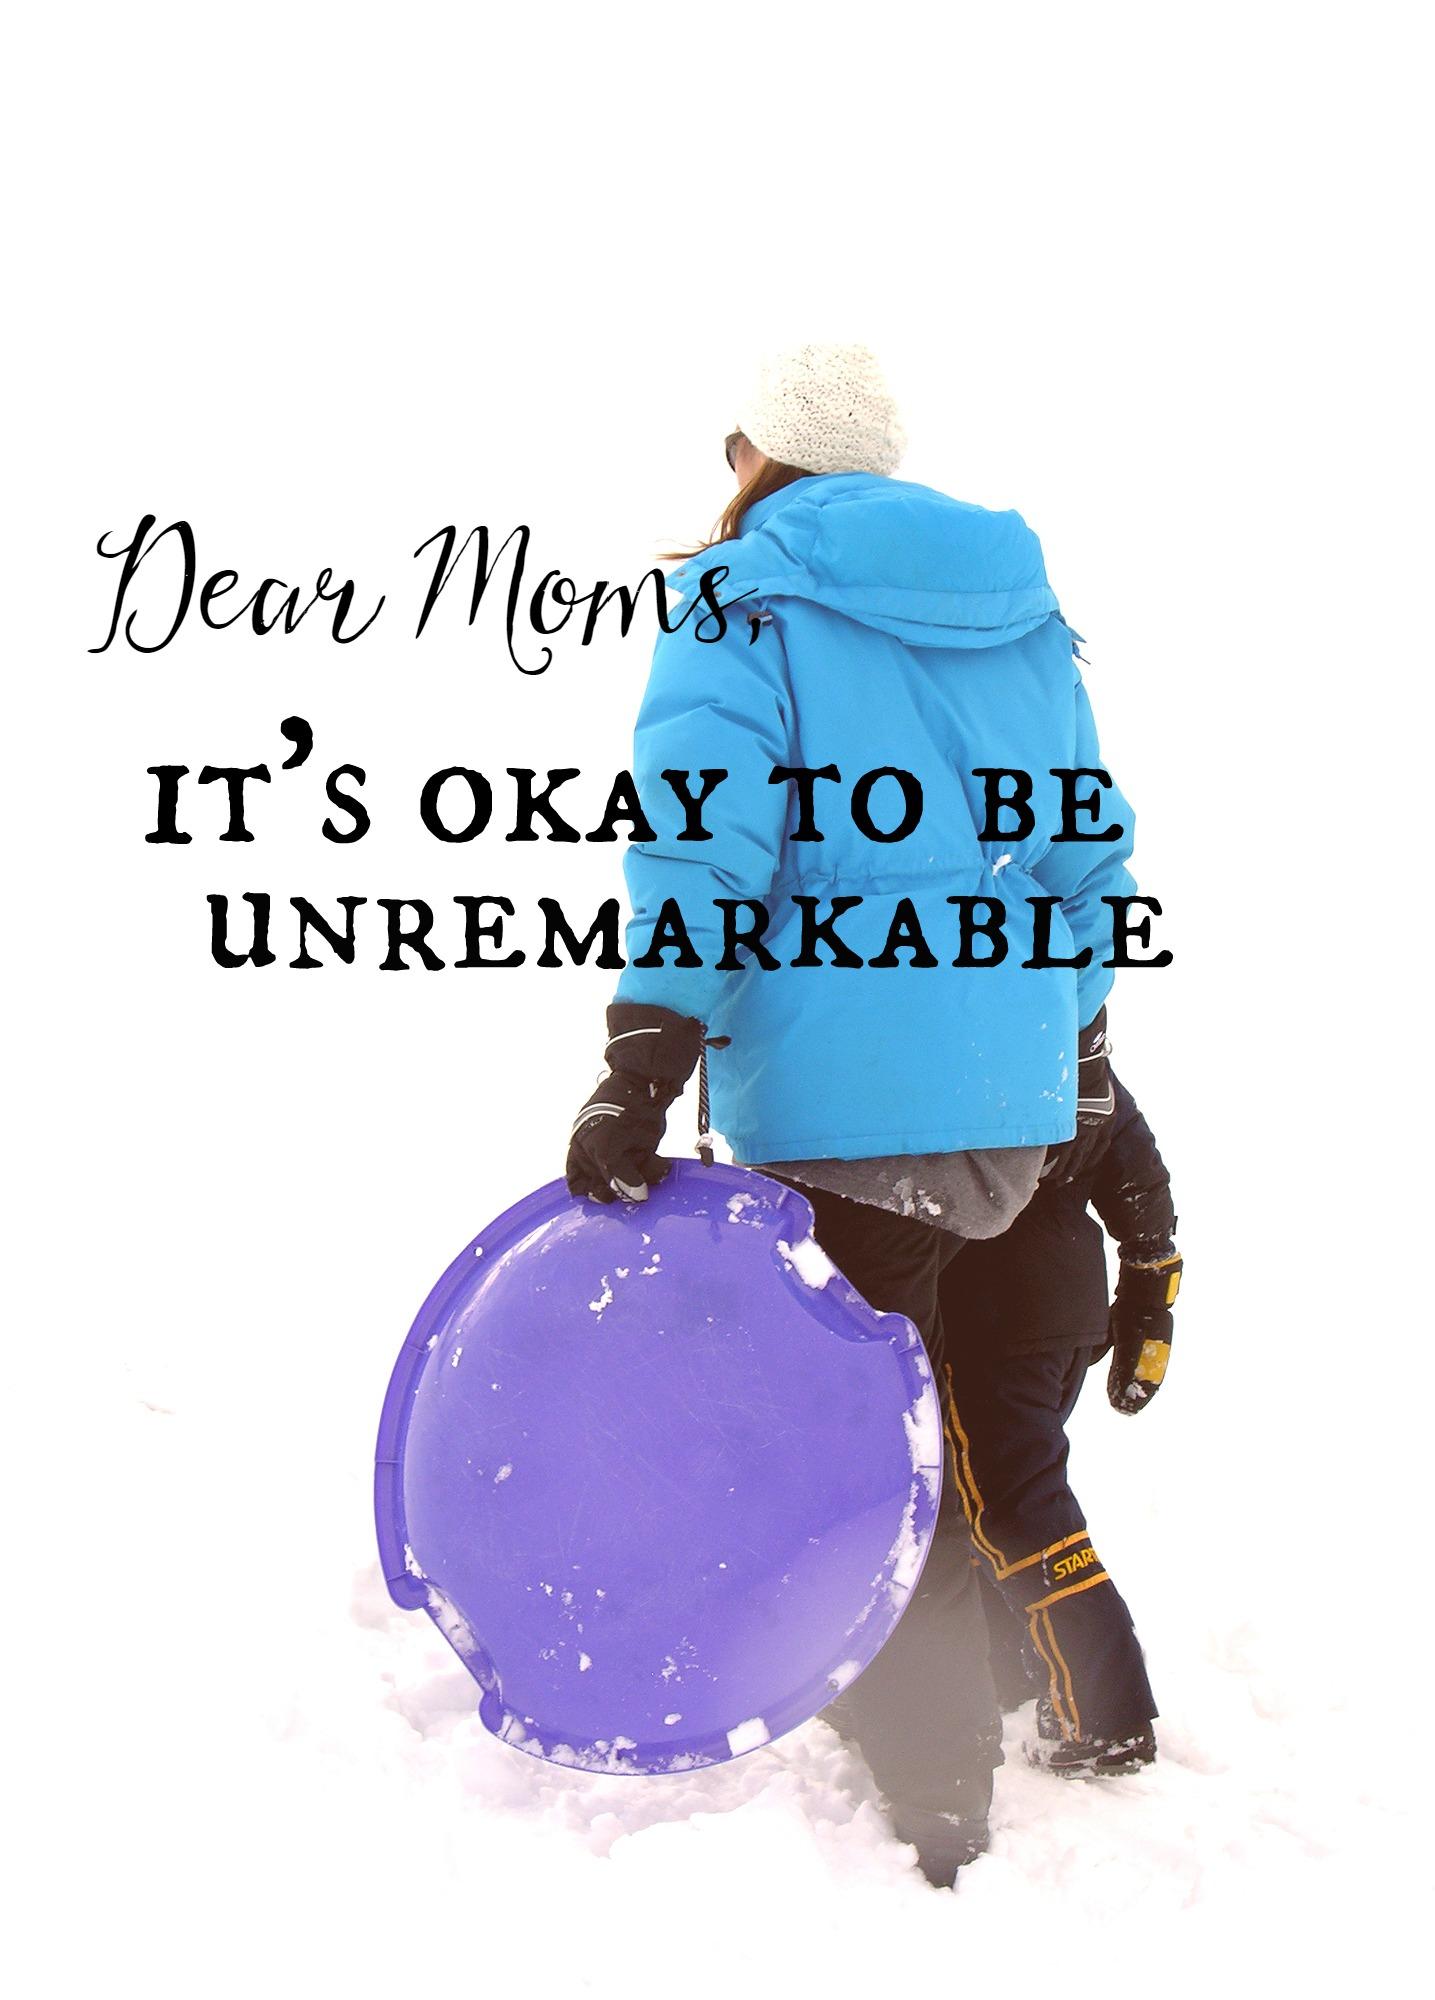 Dear Moms, It's okay to be unremarkable.